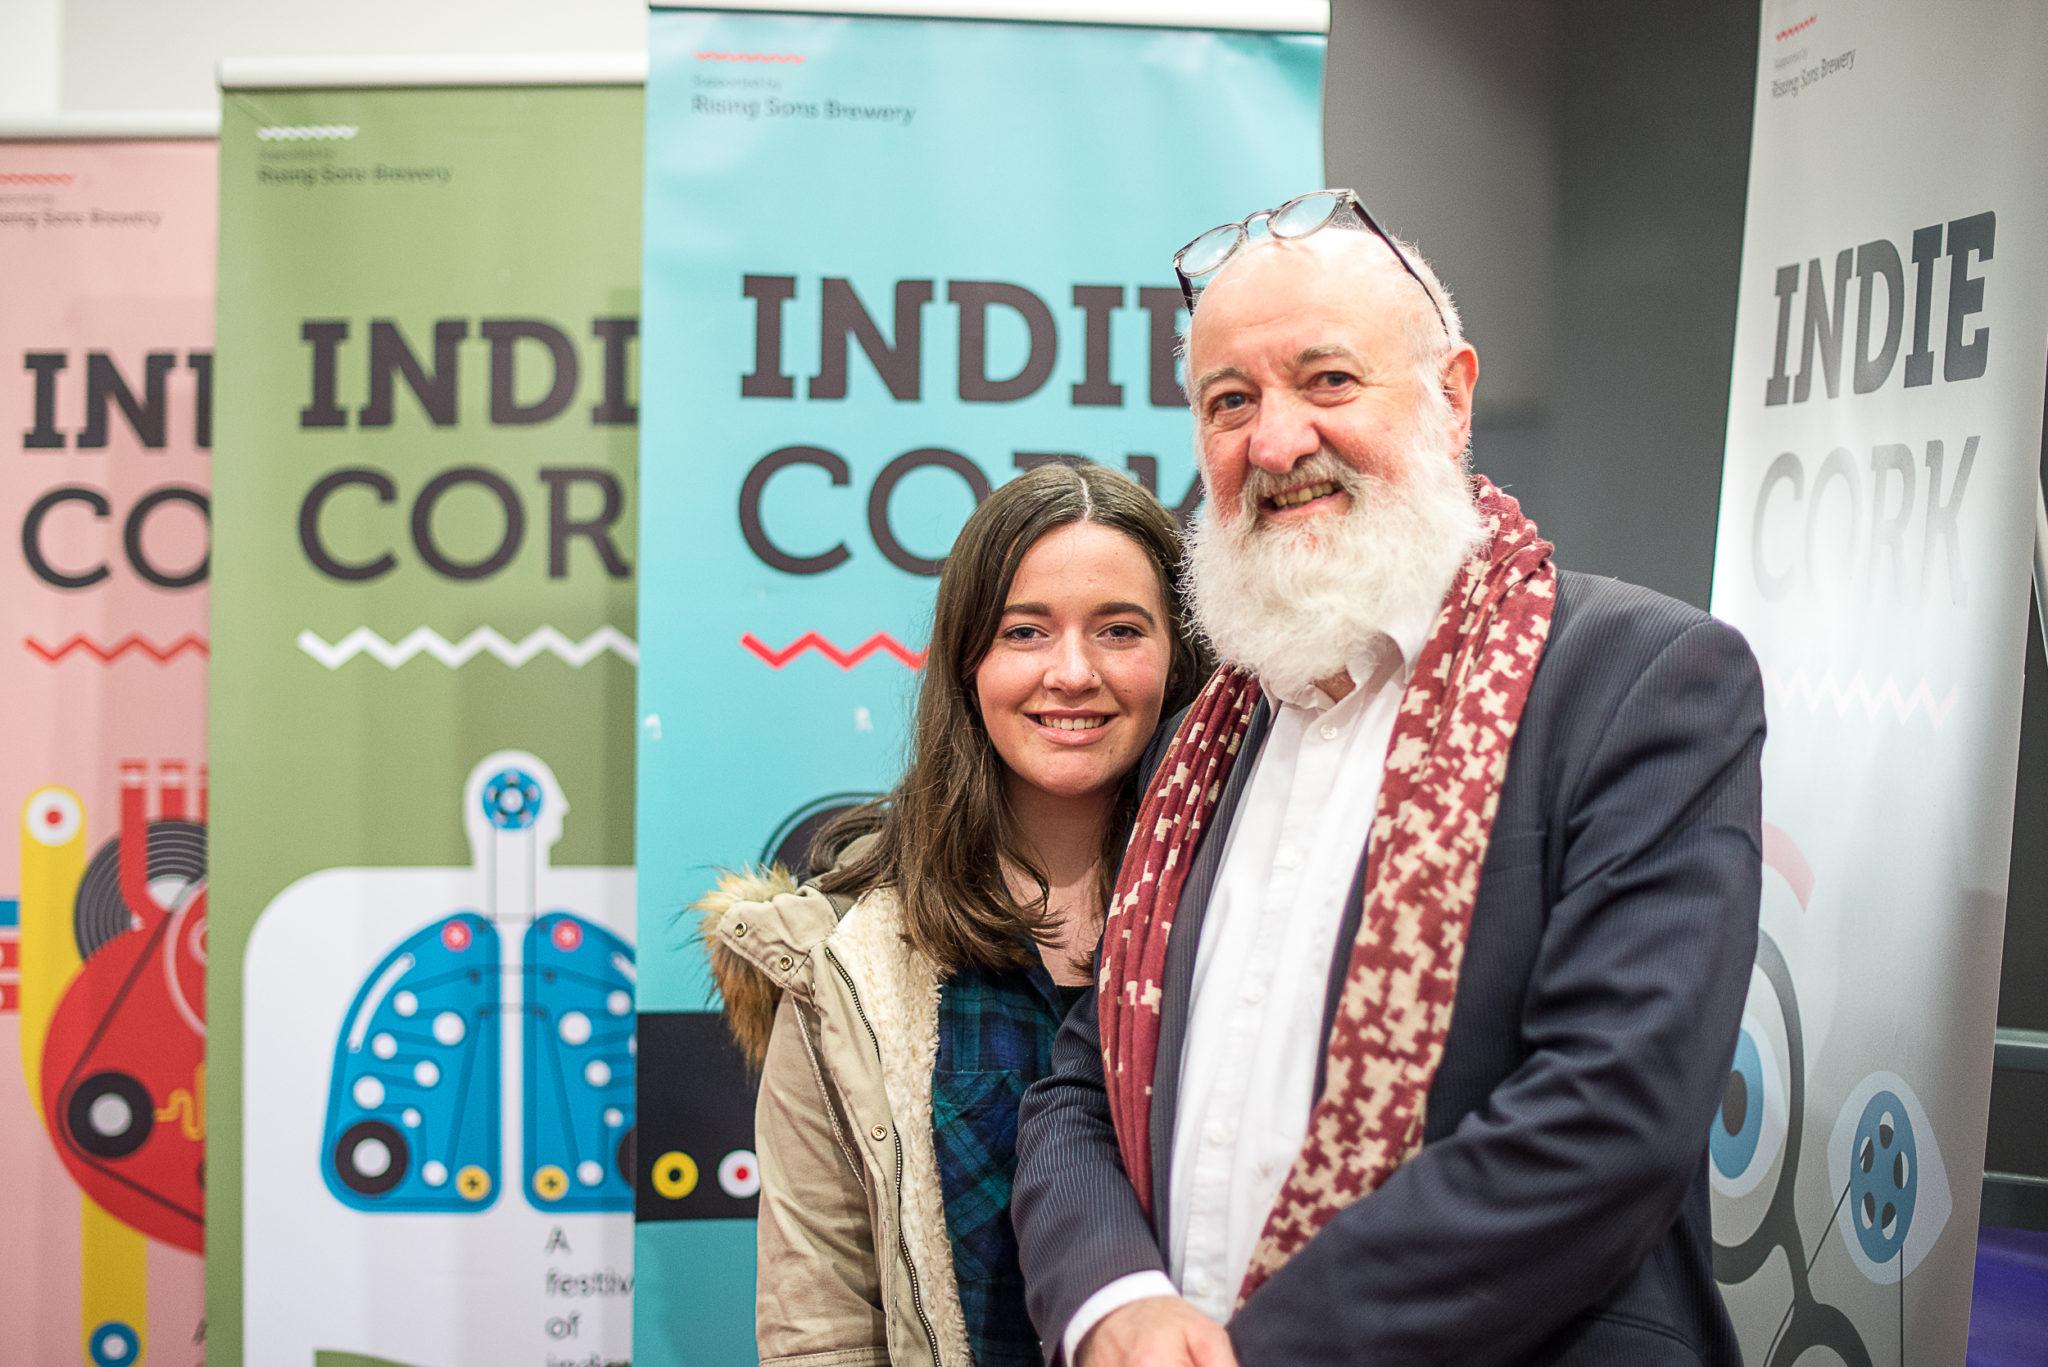 IndieCork 2017